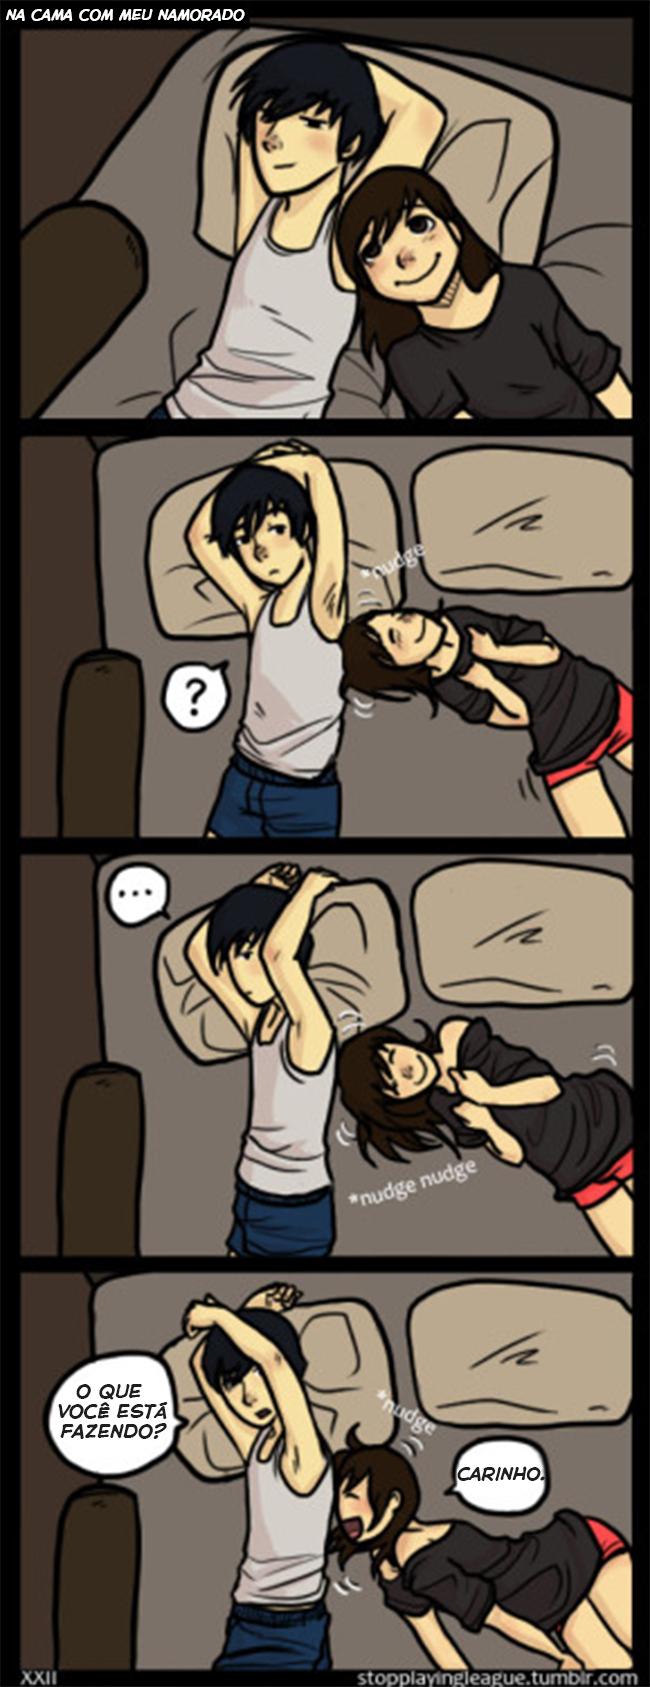 Um casal carinhoso na cama